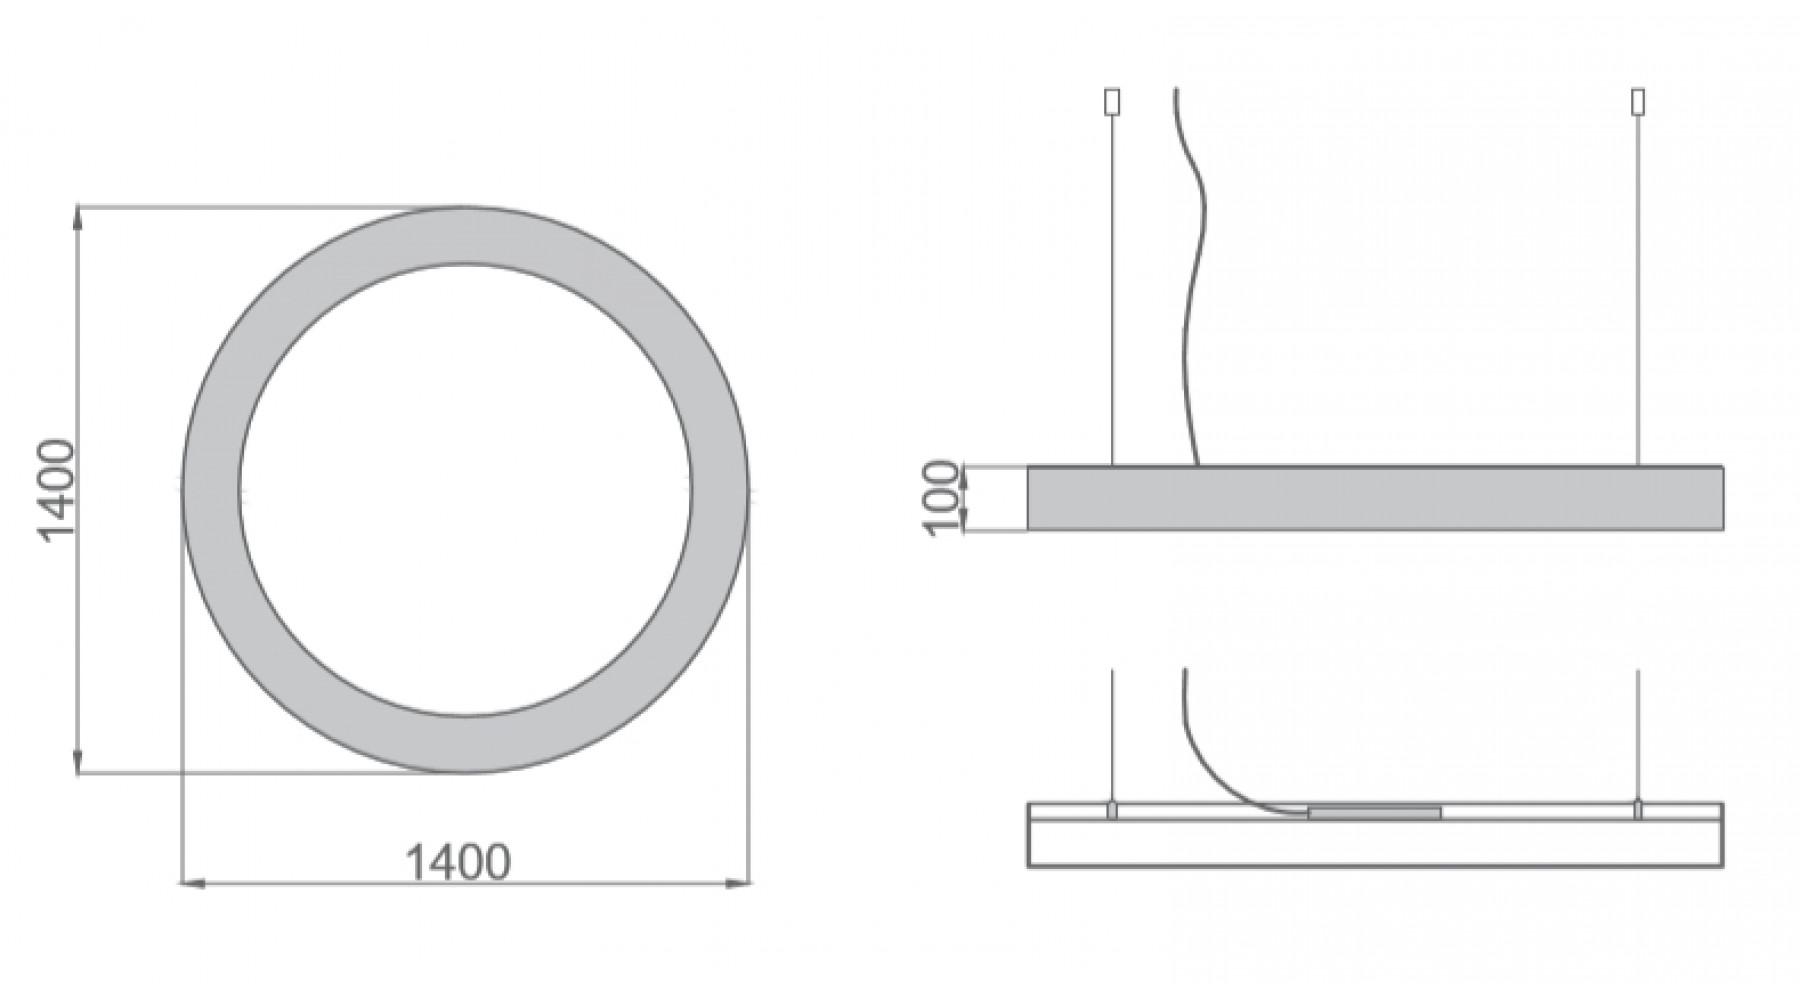 Кольцевой светодиодный светильник SUNRing - d1400х100мм S=80мм, 104Вт, 9460Лм, IP20